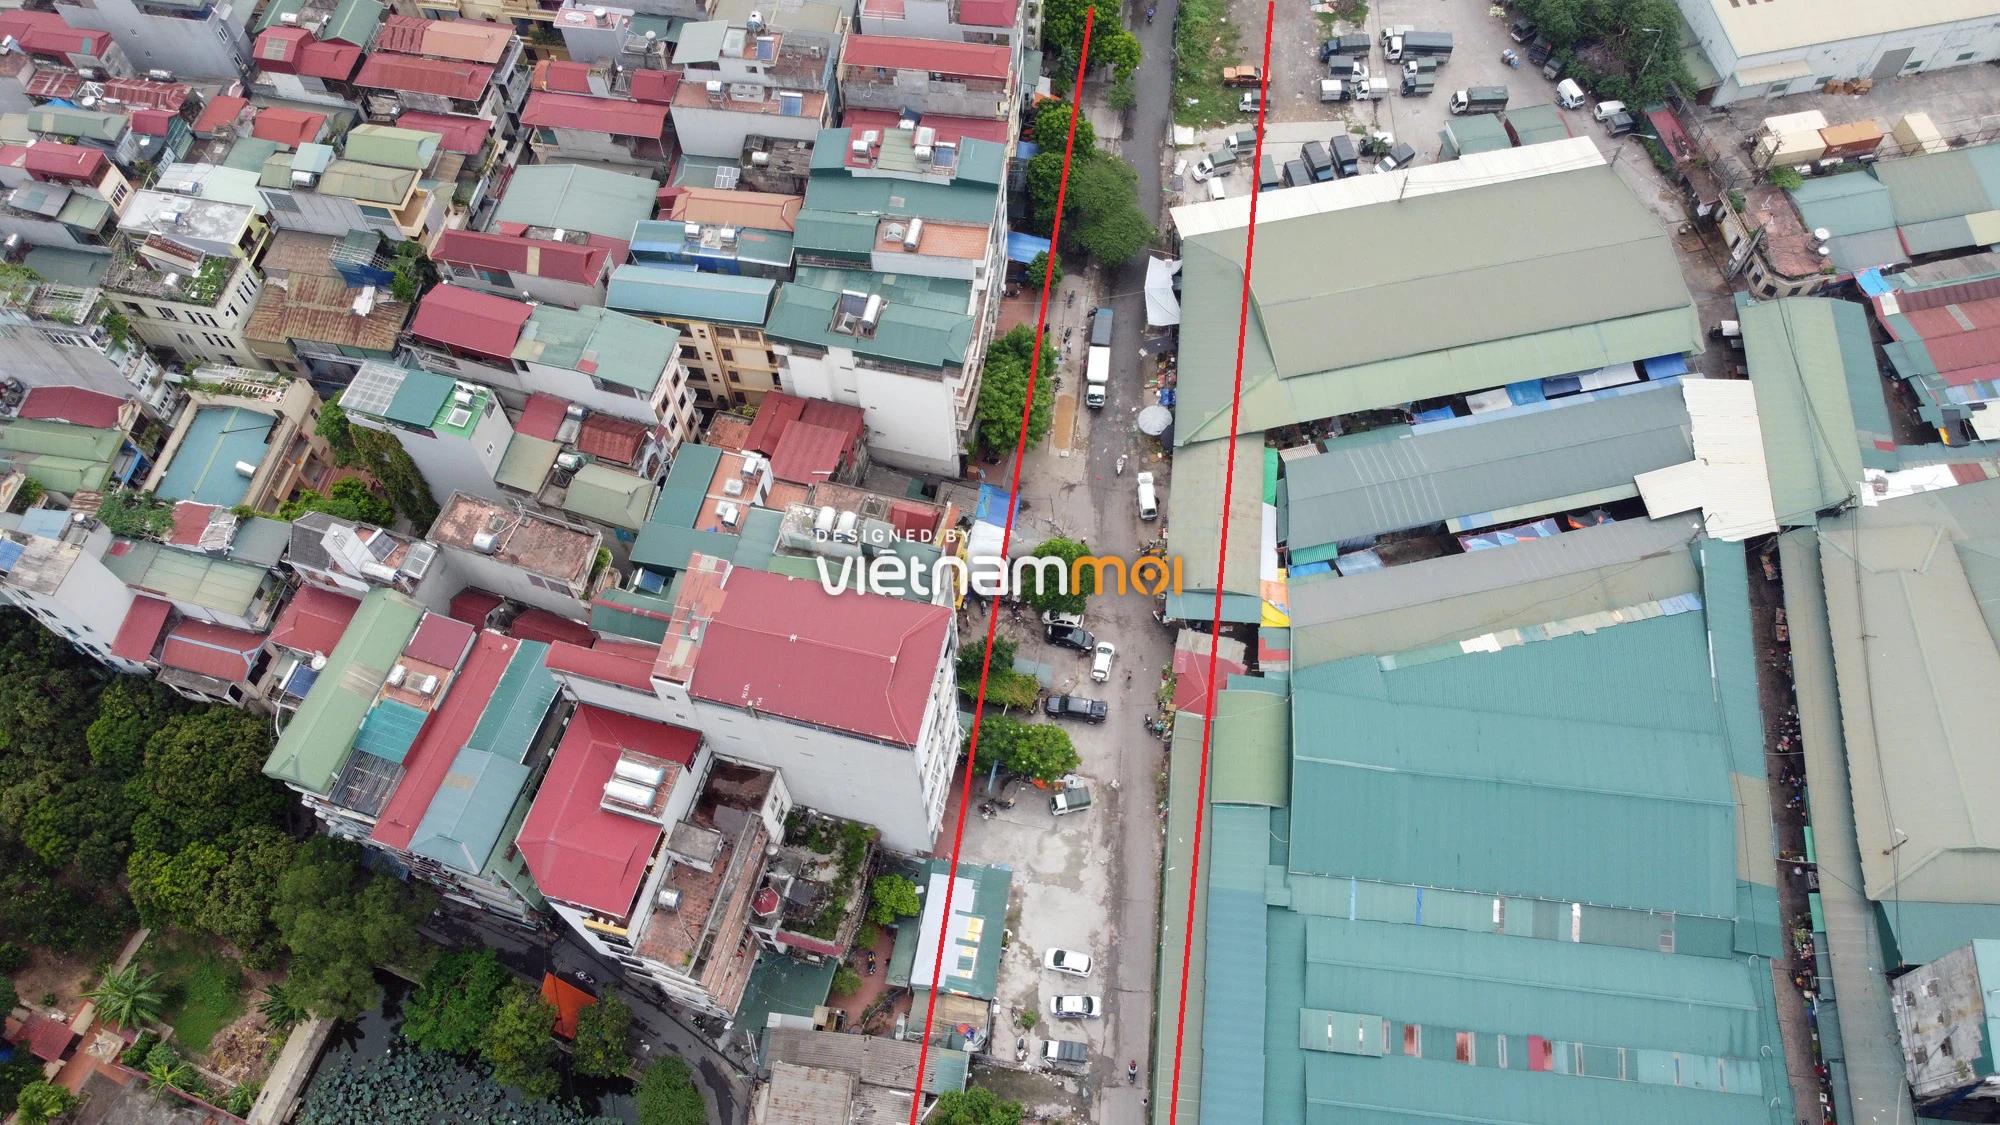 Những khu đất sắp thu hồi để mở đường ở phường Trung Văn, Nam Từ Liêm, Hà Nội (phần 2) - Ảnh 4.